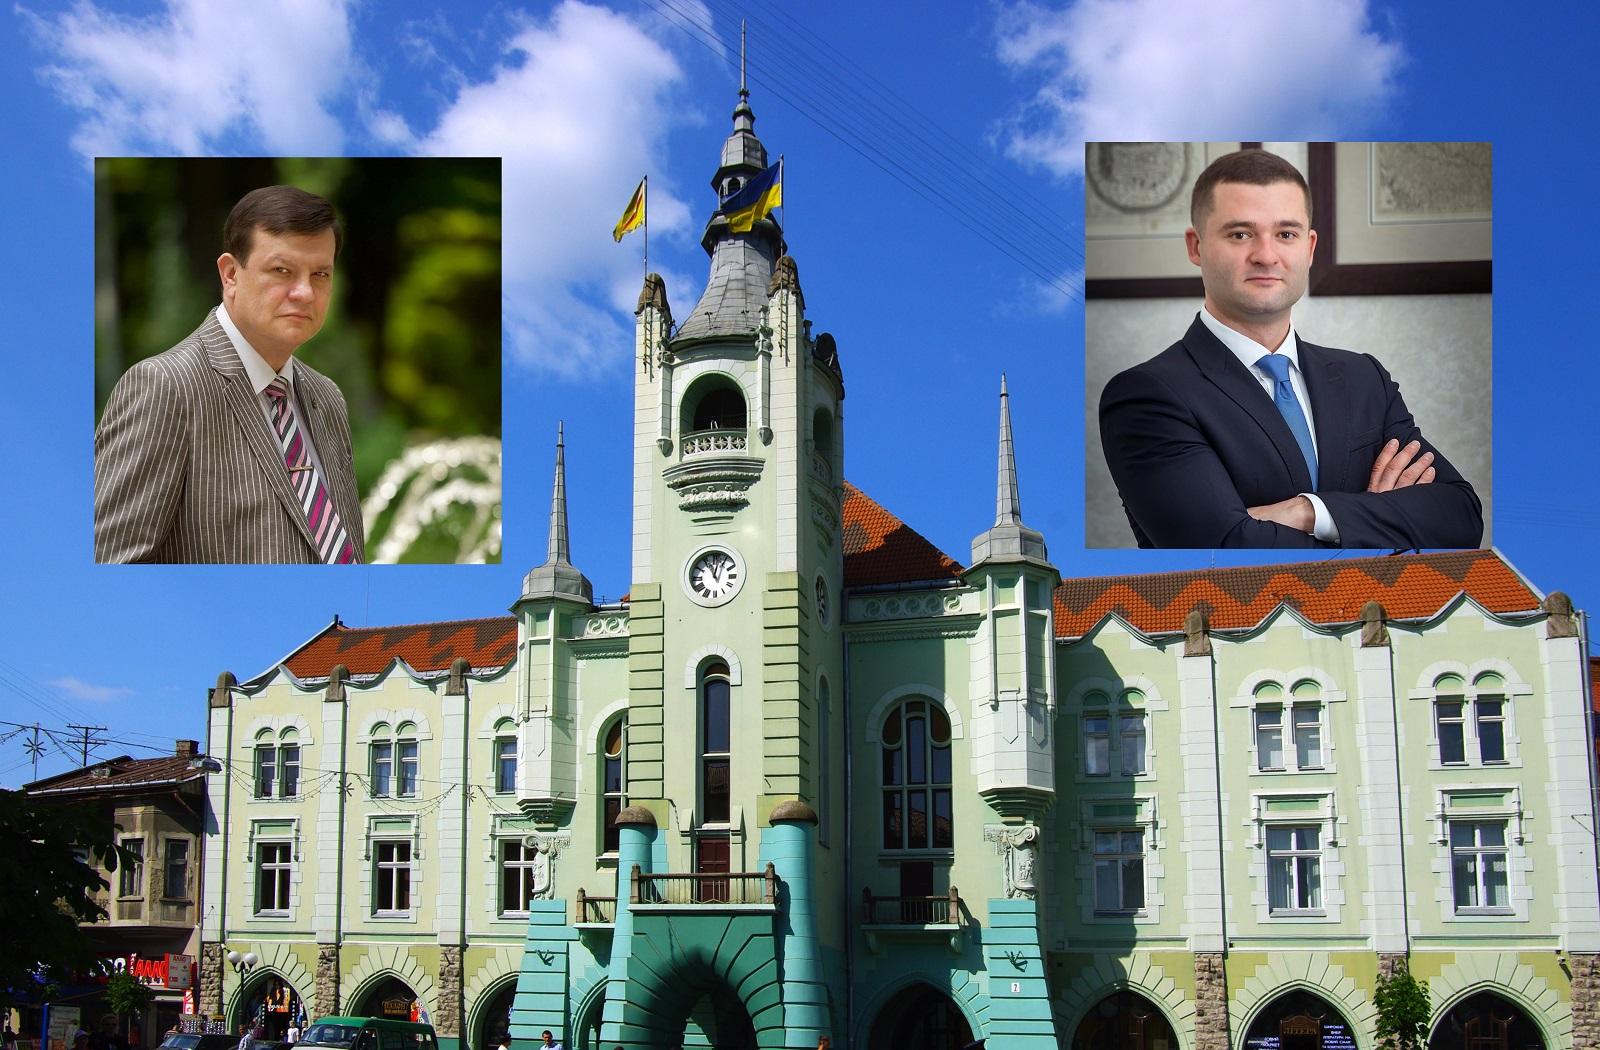 Приклад конструктивної співпраці і прагматизму, або Асоціація захисту прав правників в гостях у Андрія Балоги